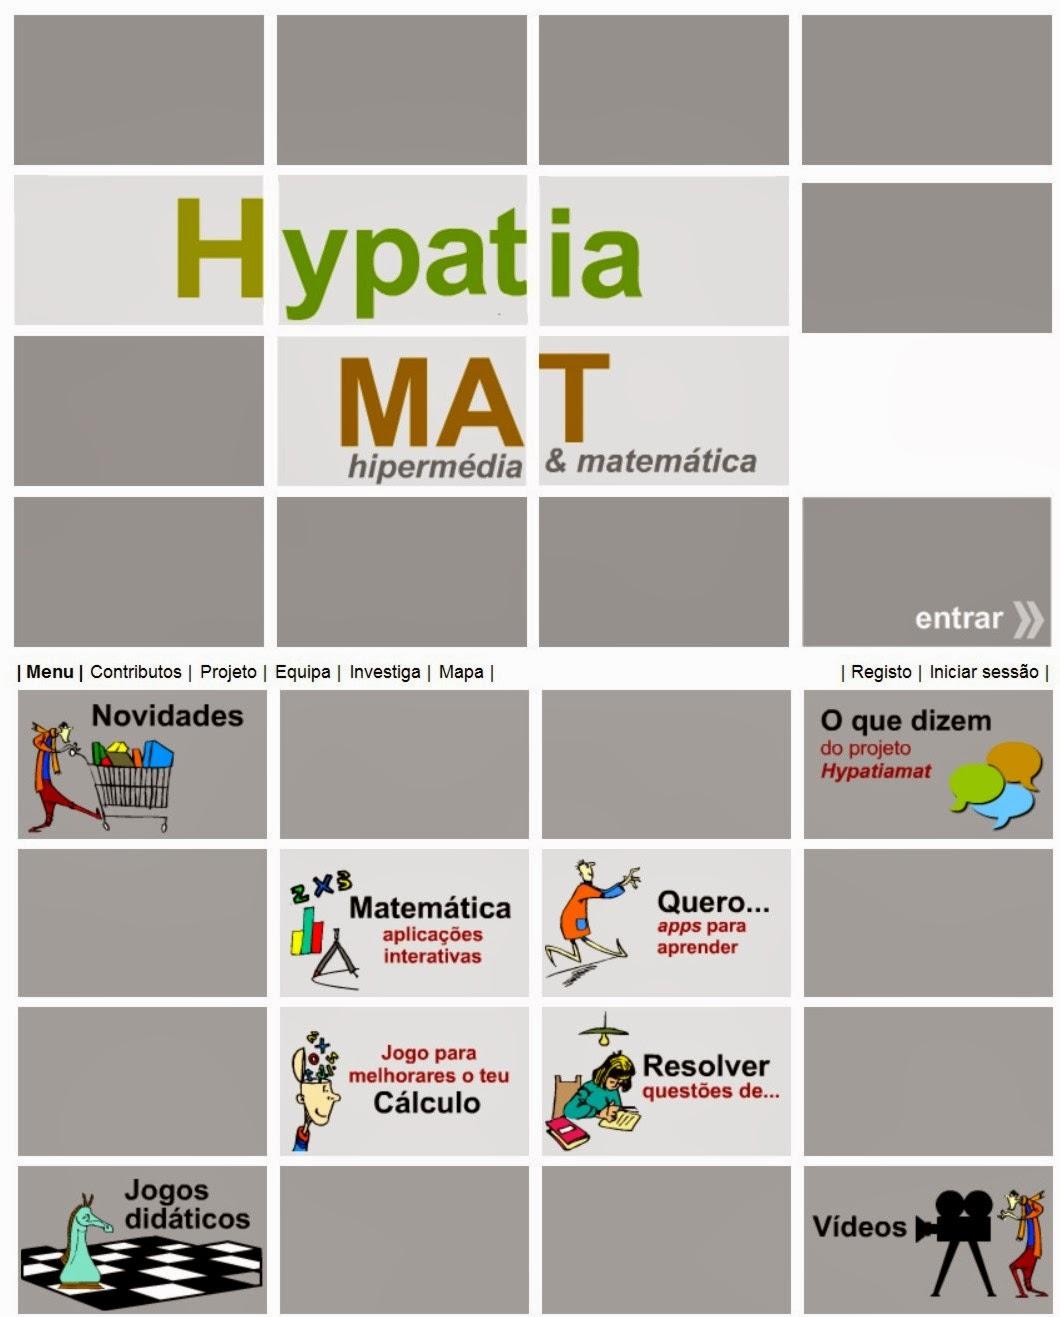 HypatiaMAT - Atividades e jogos